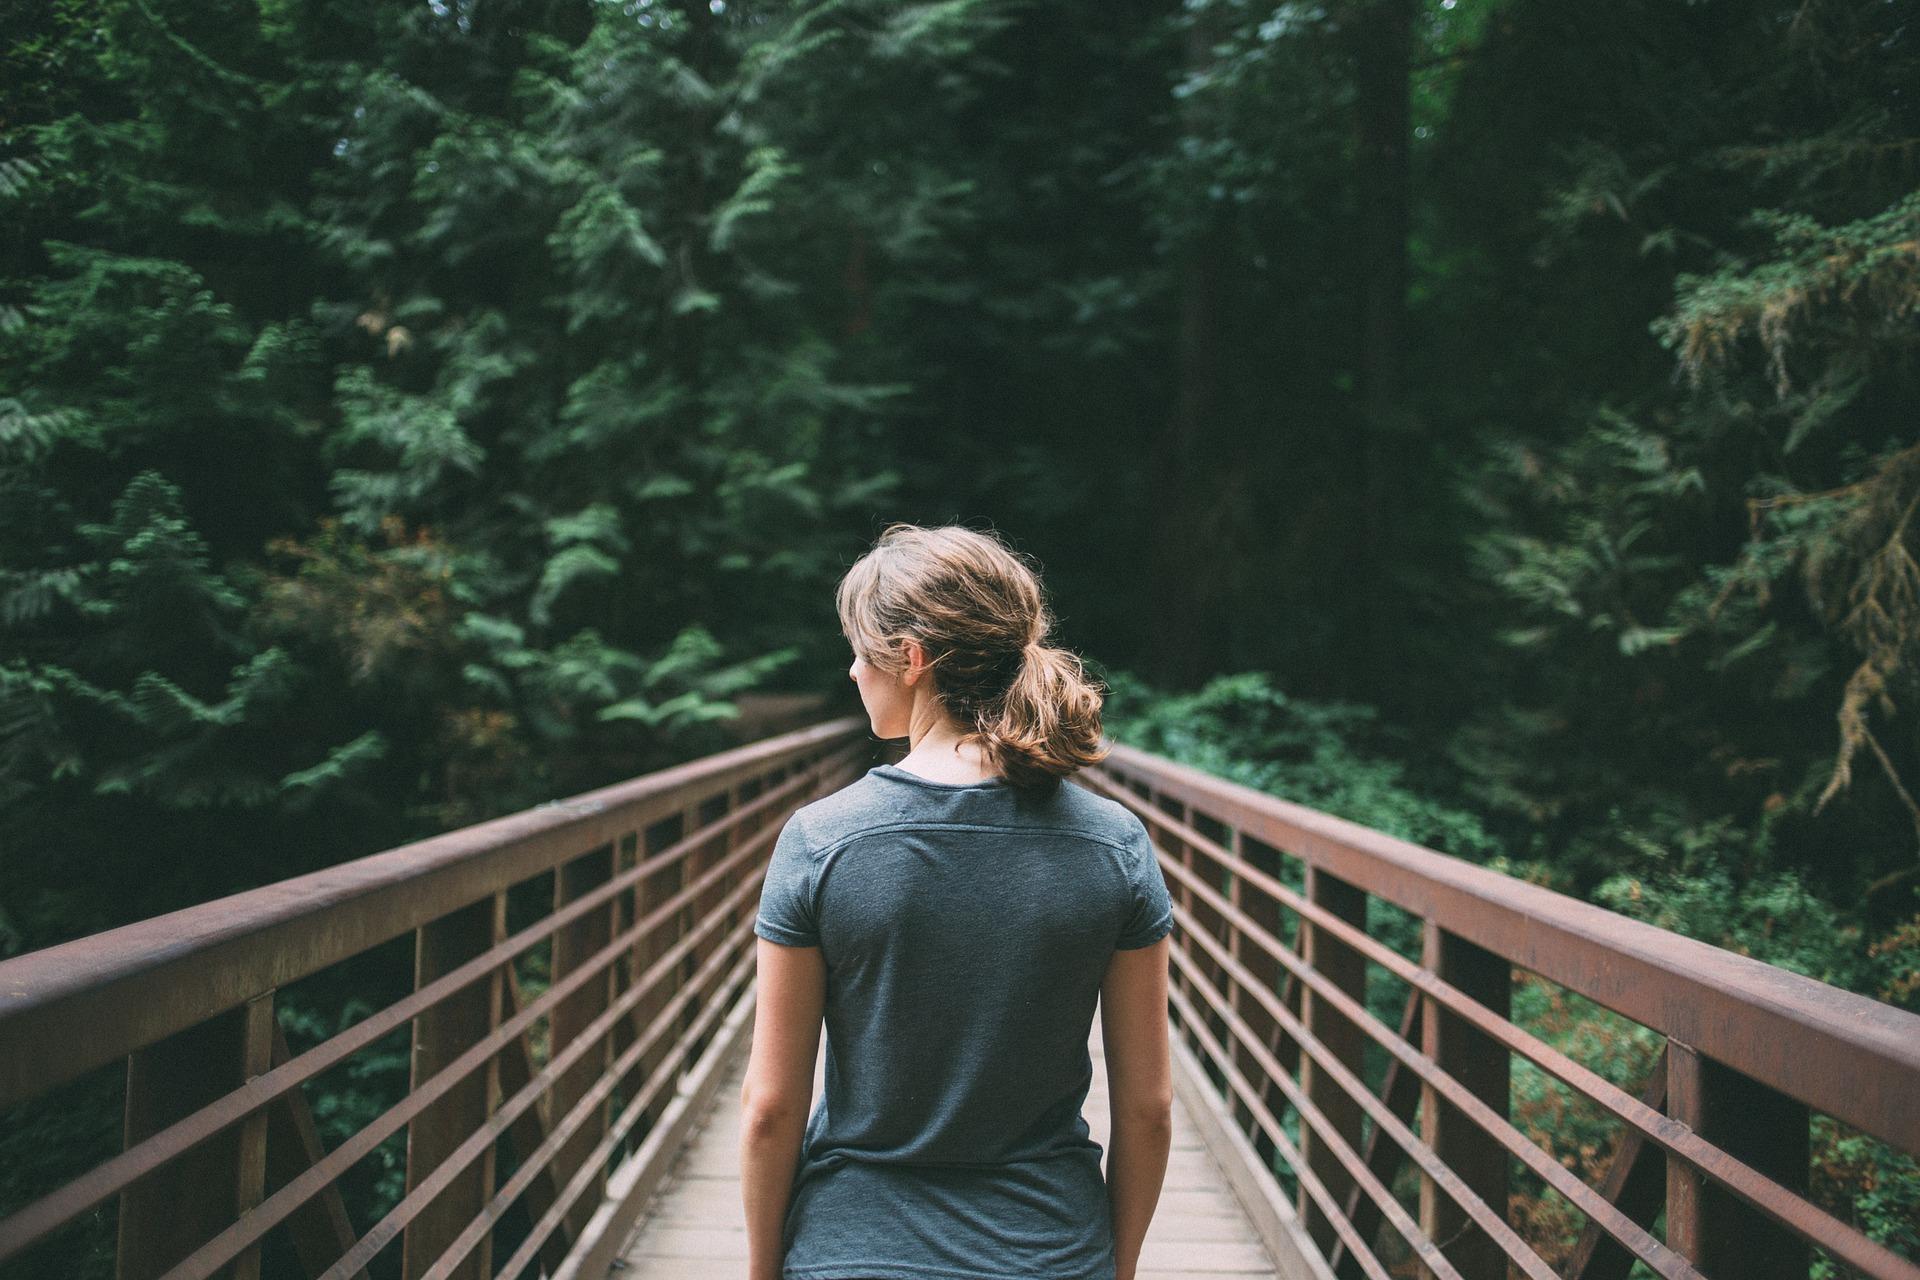 Le passeggiate in natura in viaggio